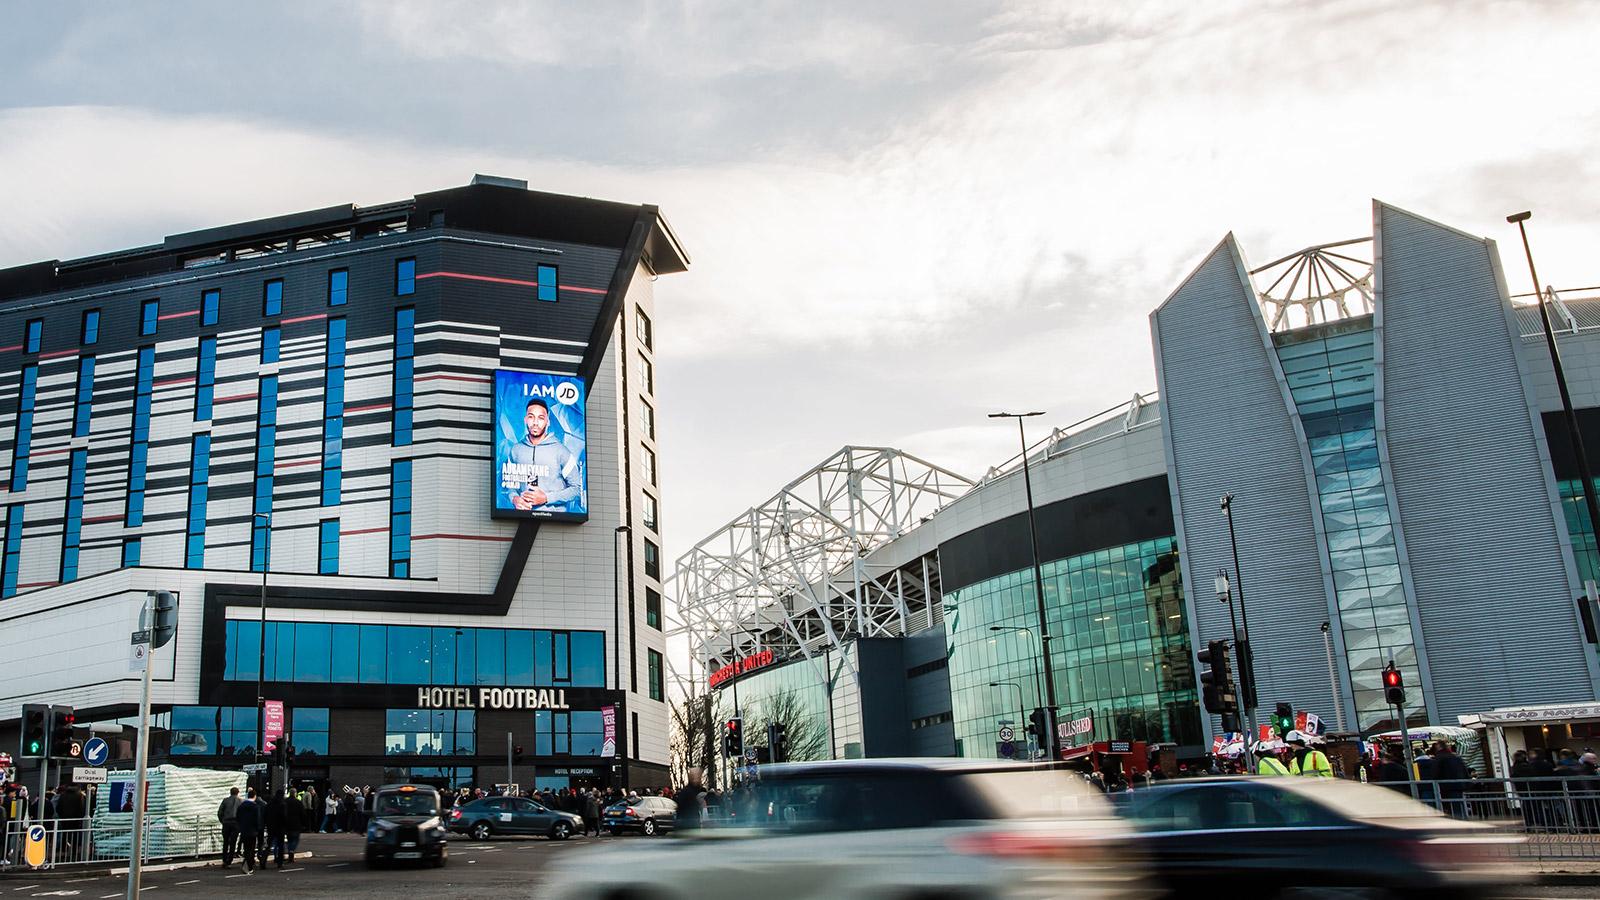 Hotel Football - Old Trafford